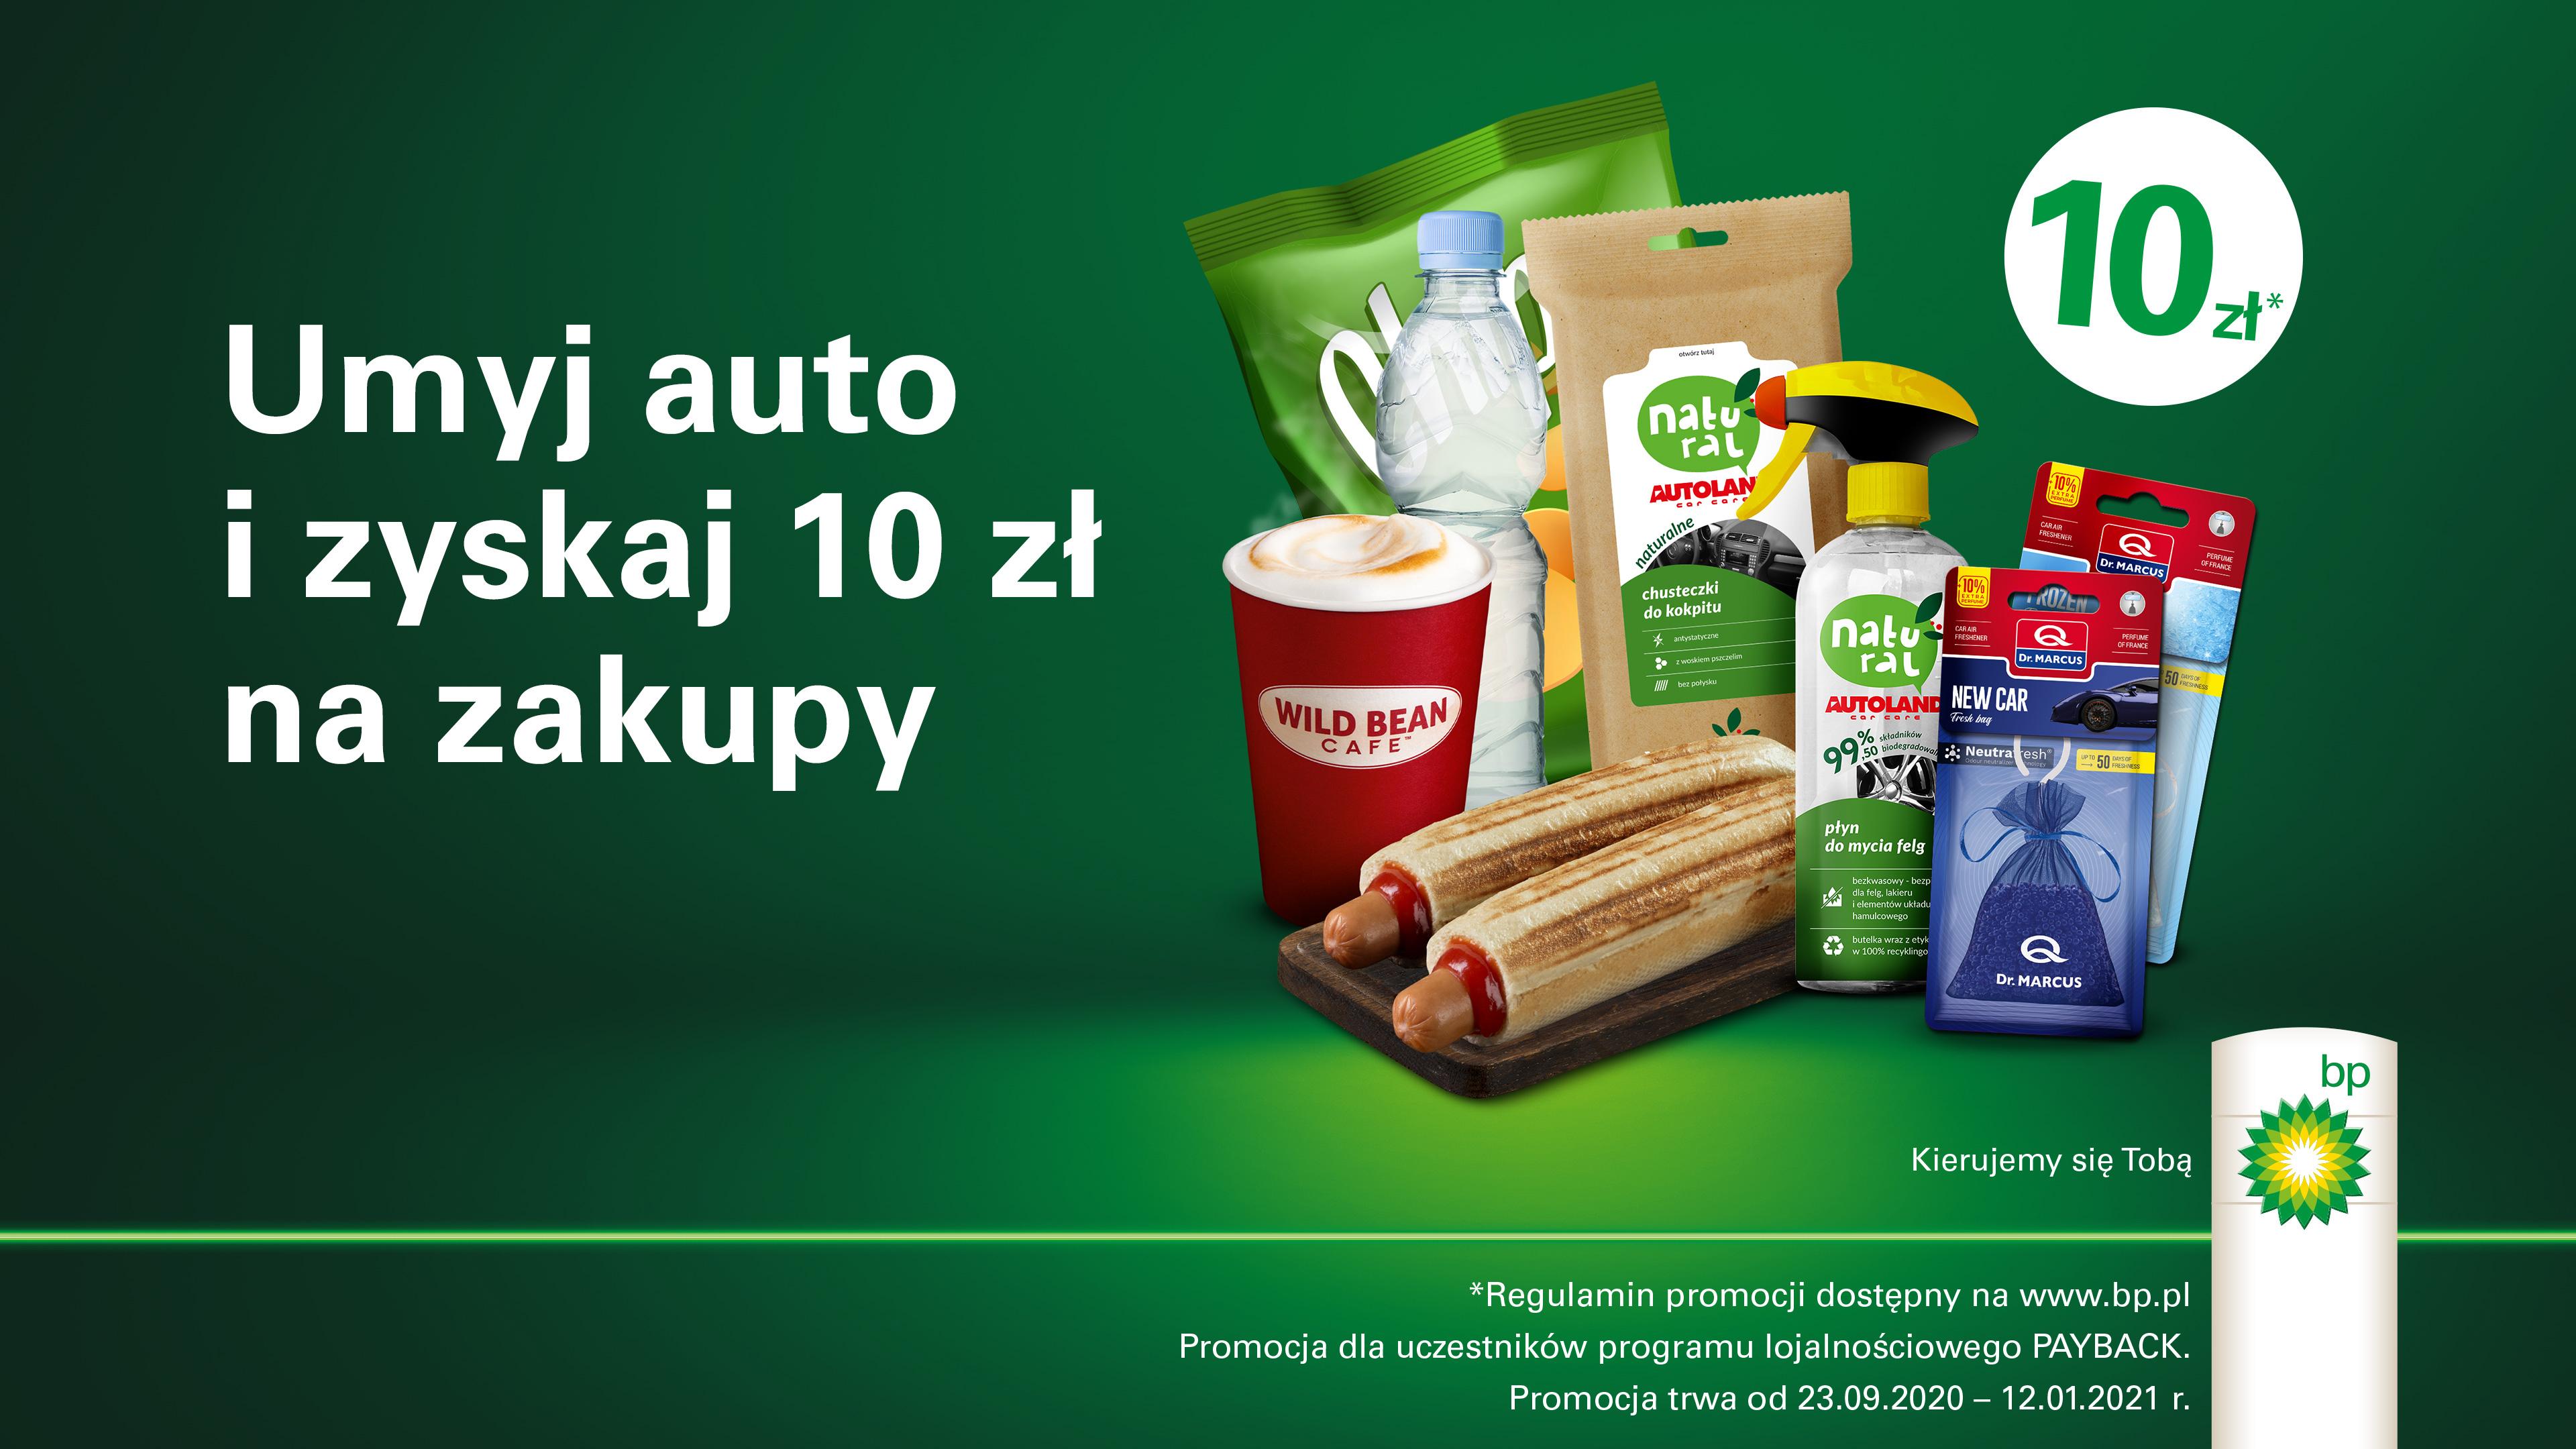 Myjnia BP umyj auto i zyskaj do 10zł na zakupy(z kartą PAYBACK) od 23.09.2020 do 12.01.2021r. w formie bonu